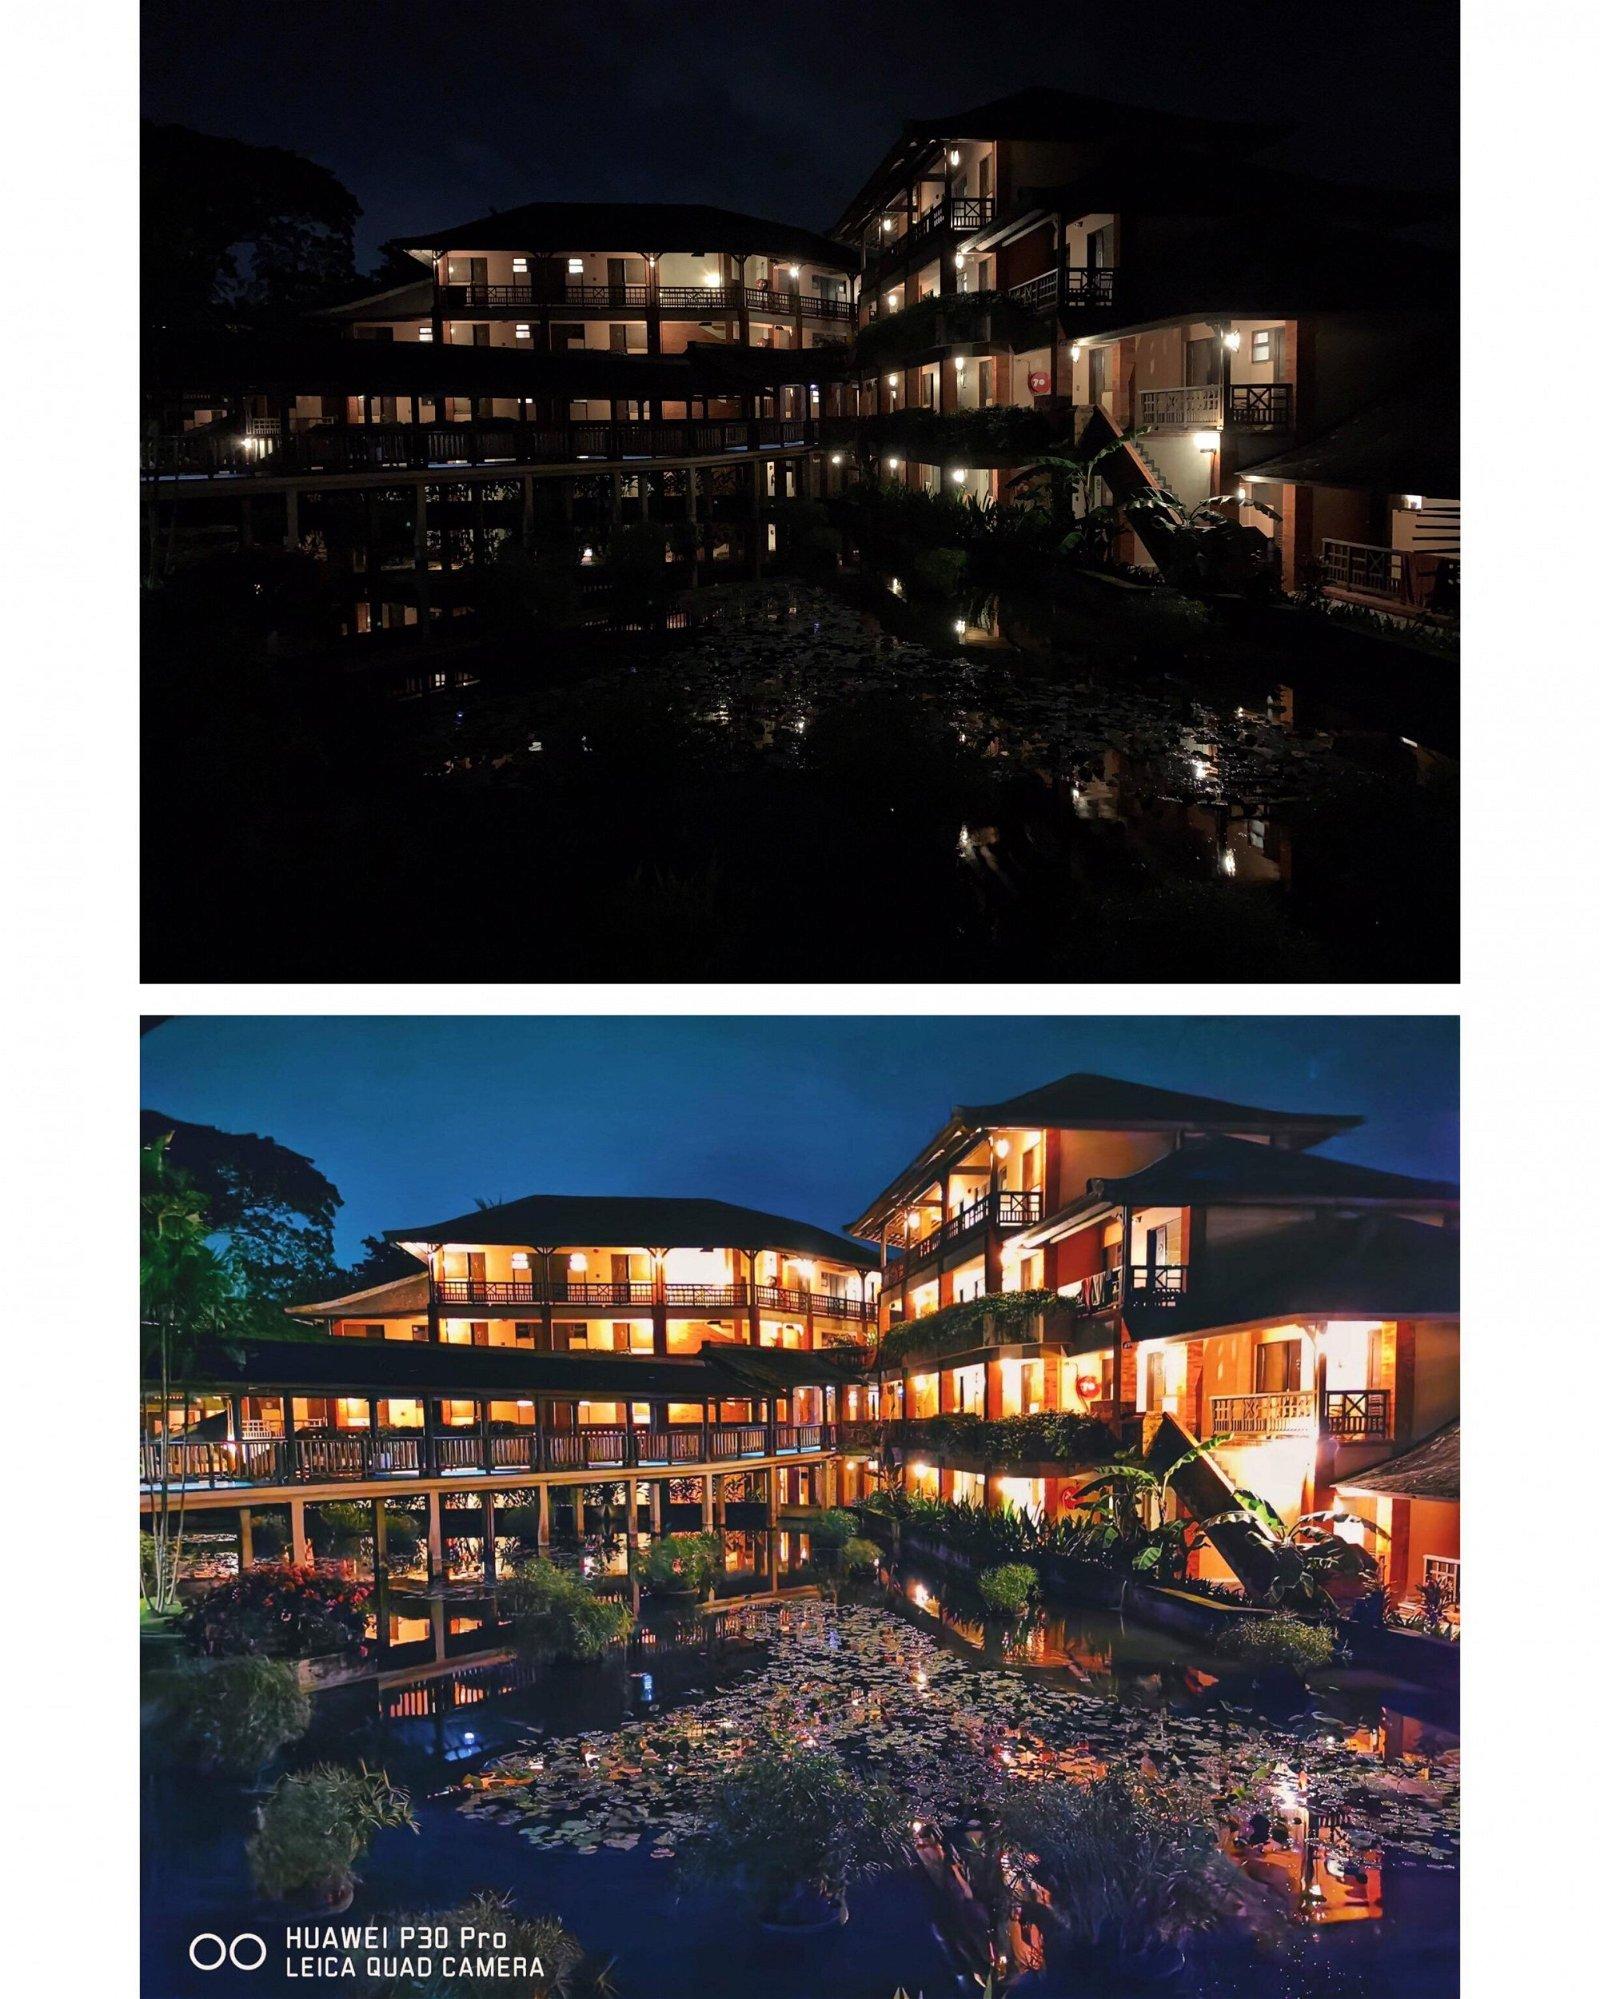 上图为一般手机的夜景拍摄画质,下图则为华为P30 Pro在晚上9时,天空非常暗的环境下,使用华为P30 Pro的普通模式,拍出的超清晰照片。Photo by smashpop